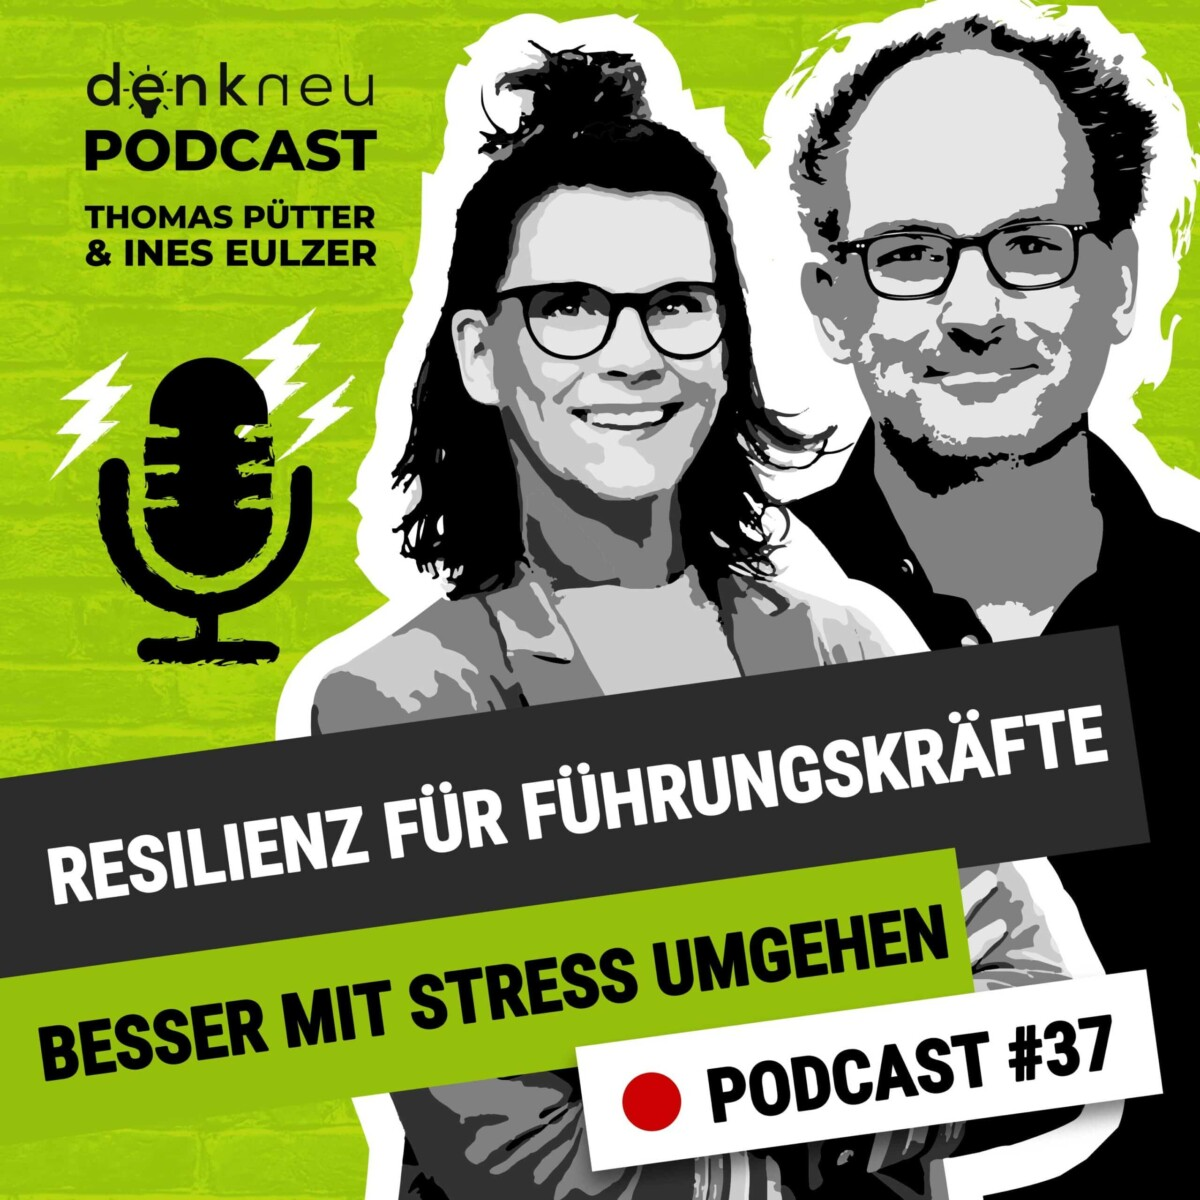 Resilienz für Führungskräfte: Besser mit Stress umgehen